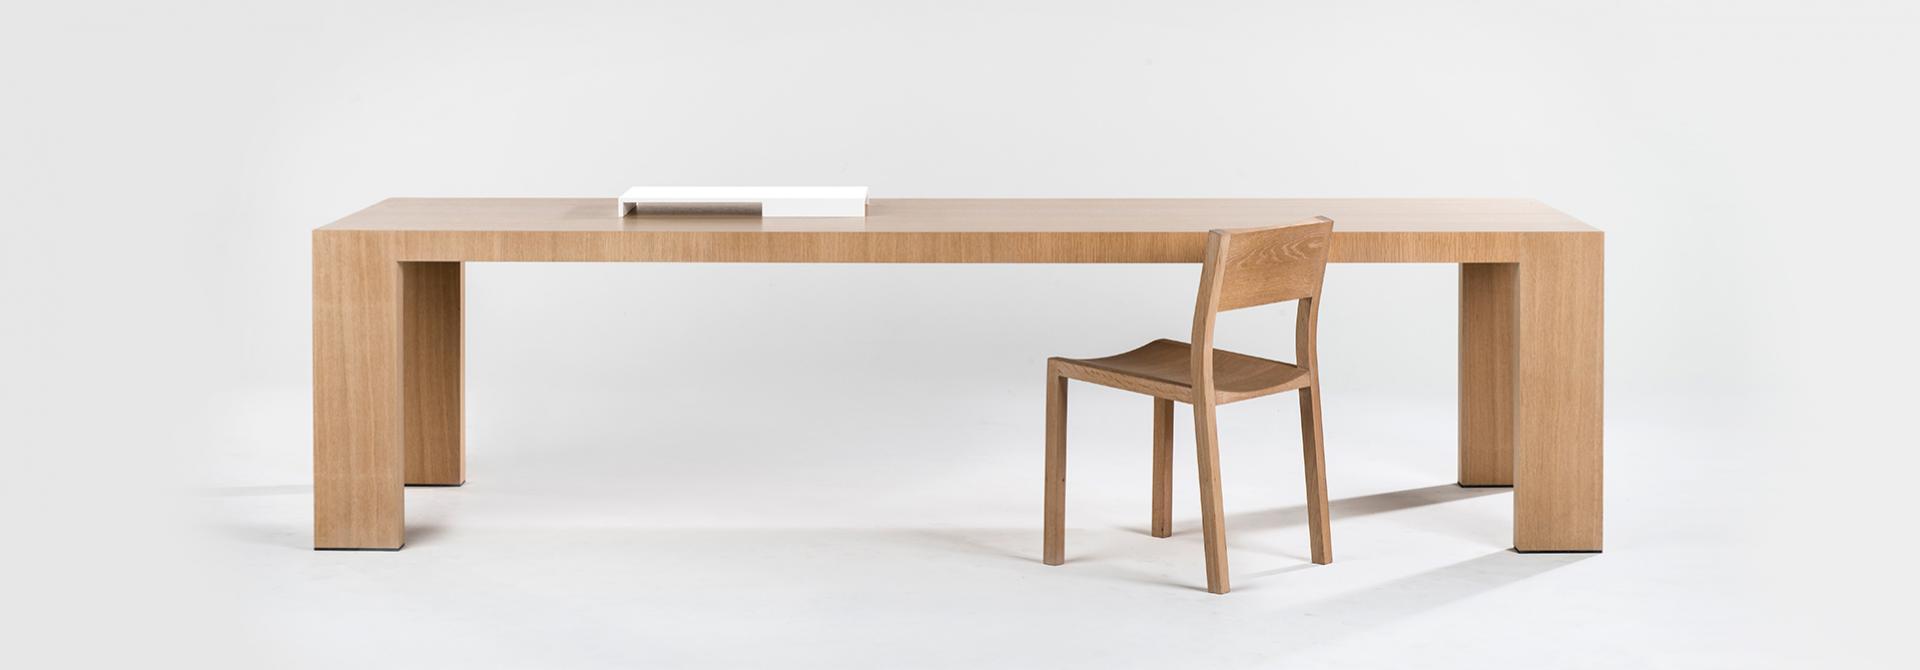 tafel johanna hout met stoel vooraanzicht